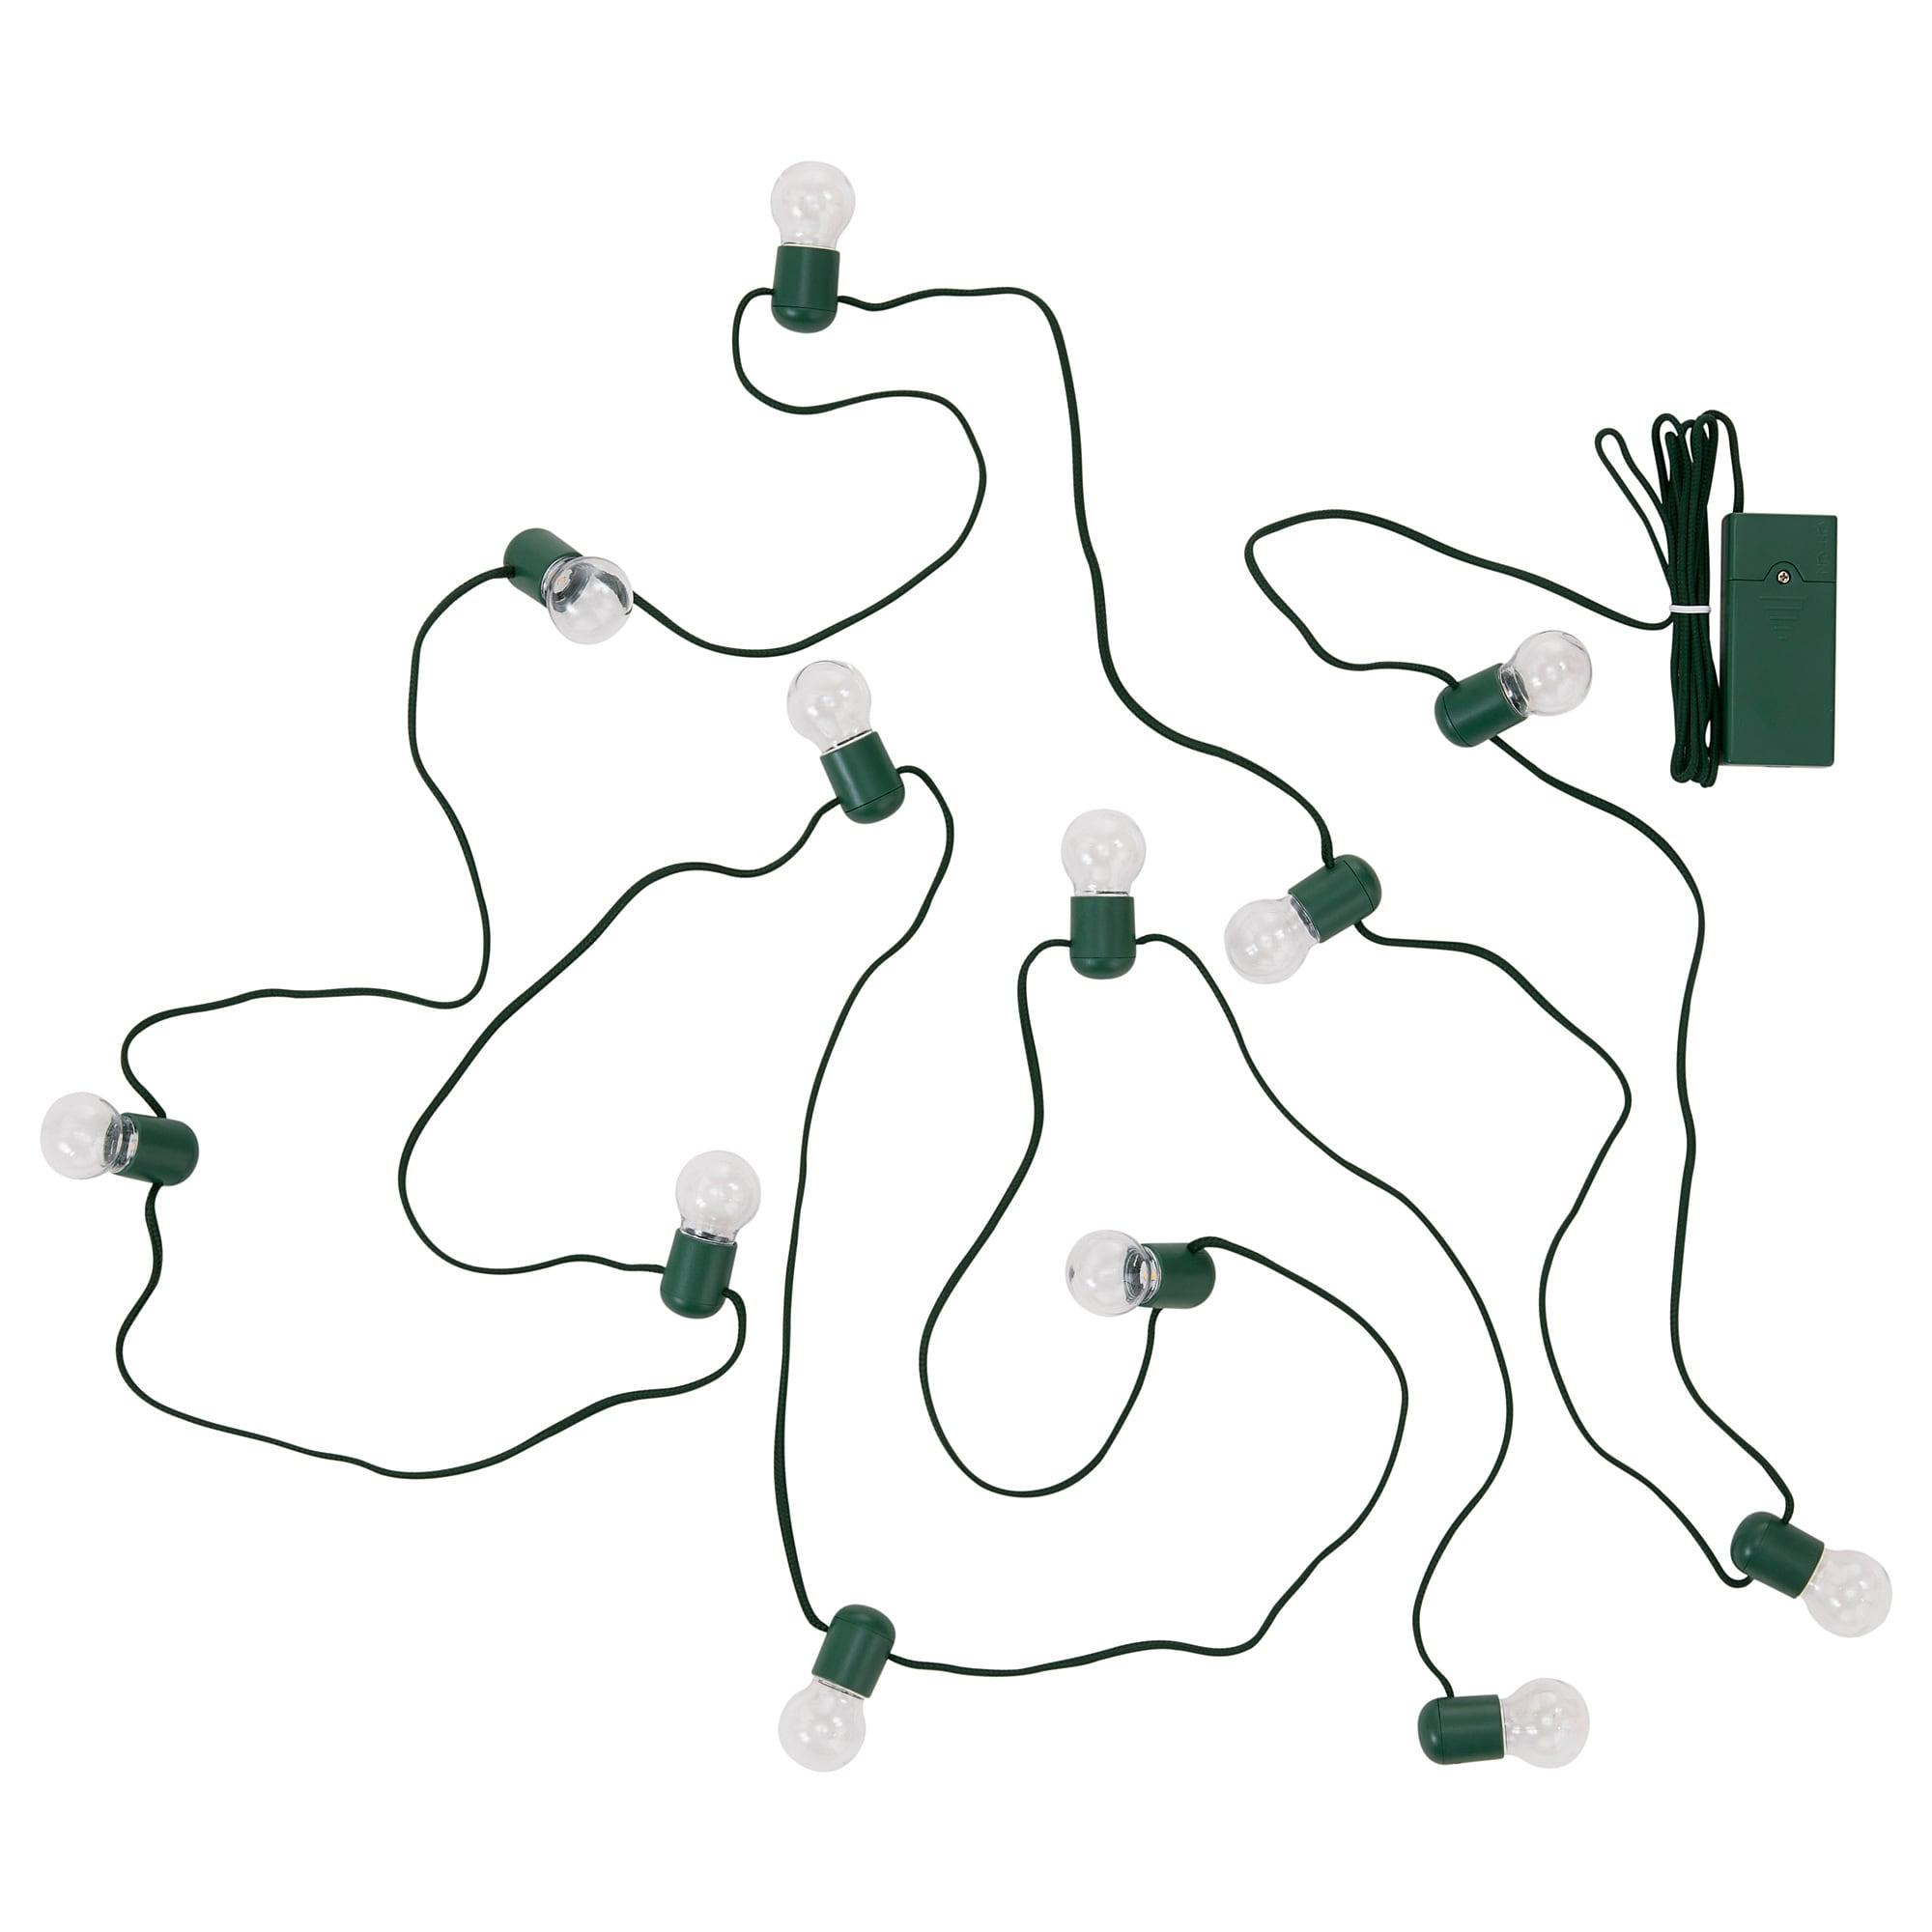 Гирлянда, 12 светодиодов СТРОЛА зеленый артикуль № 104.089.56 в наличии. Онлайн магазин IKEA Республика Беларусь. Недорогая доставка и установка.